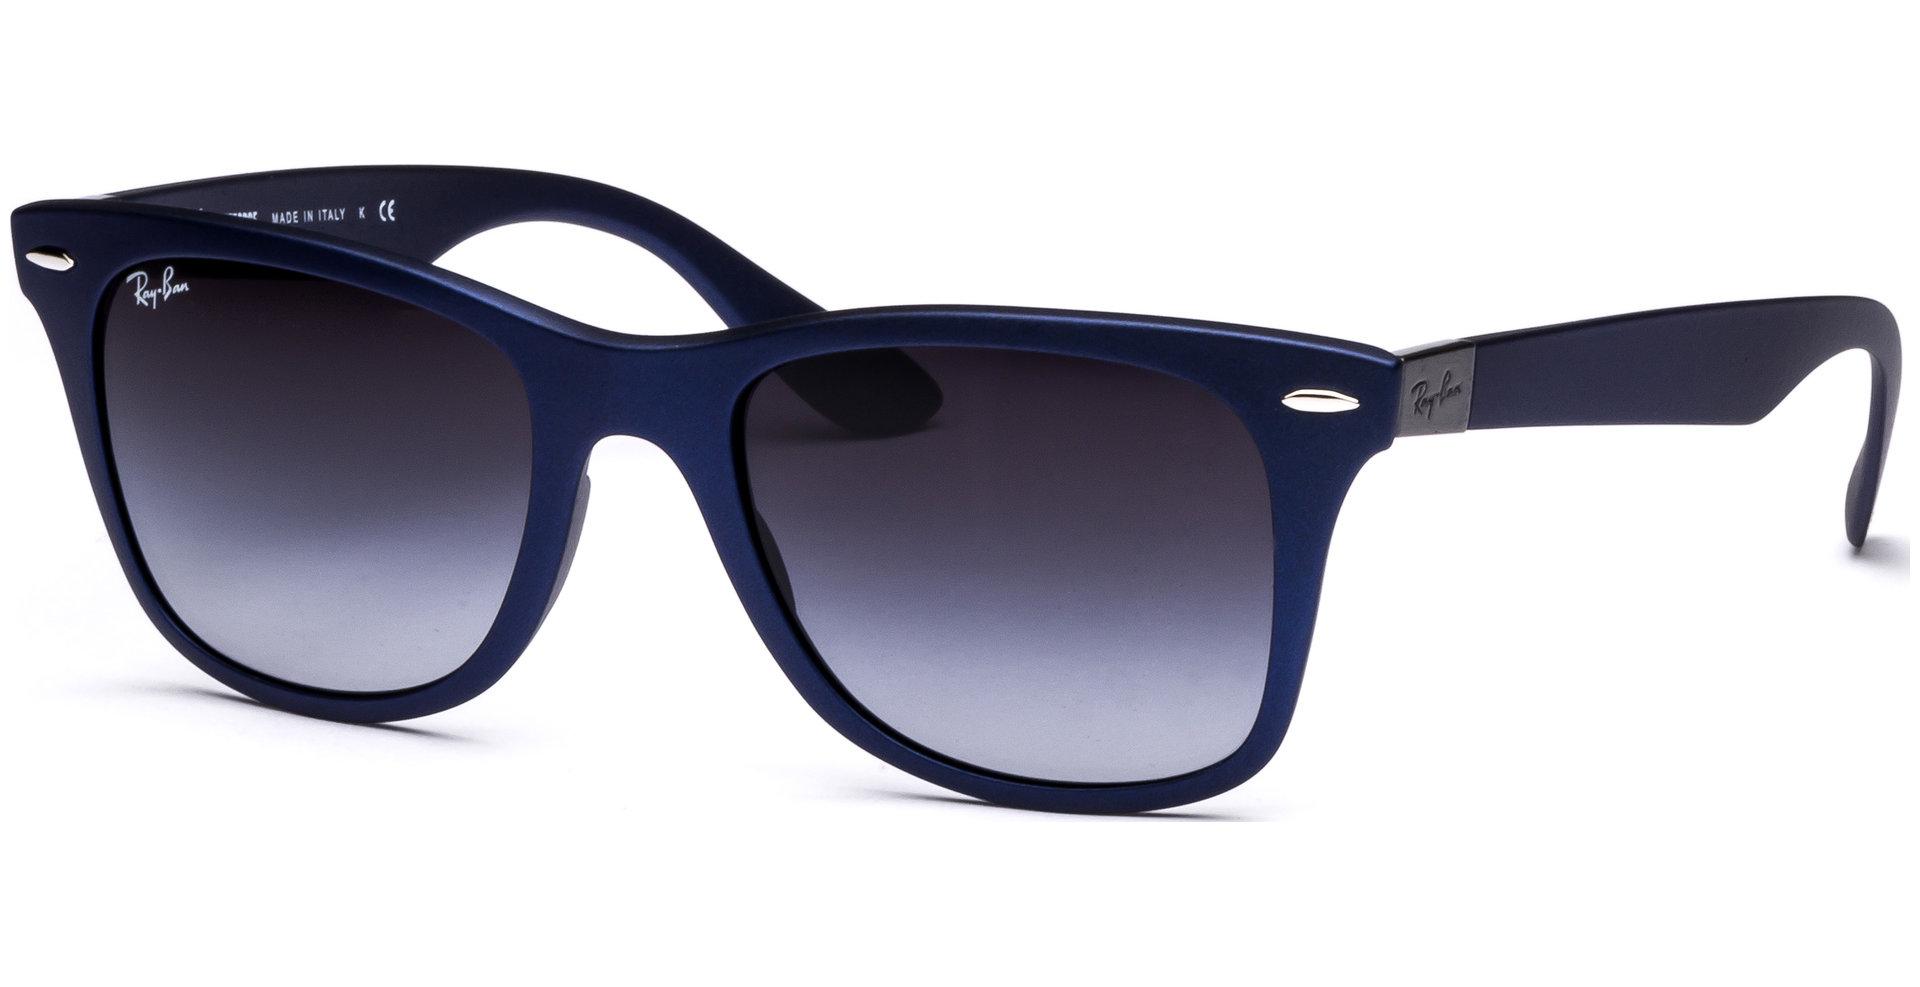 ray ban sunglasses discount delhi. Black Bedroom Furniture Sets. Home Design Ideas